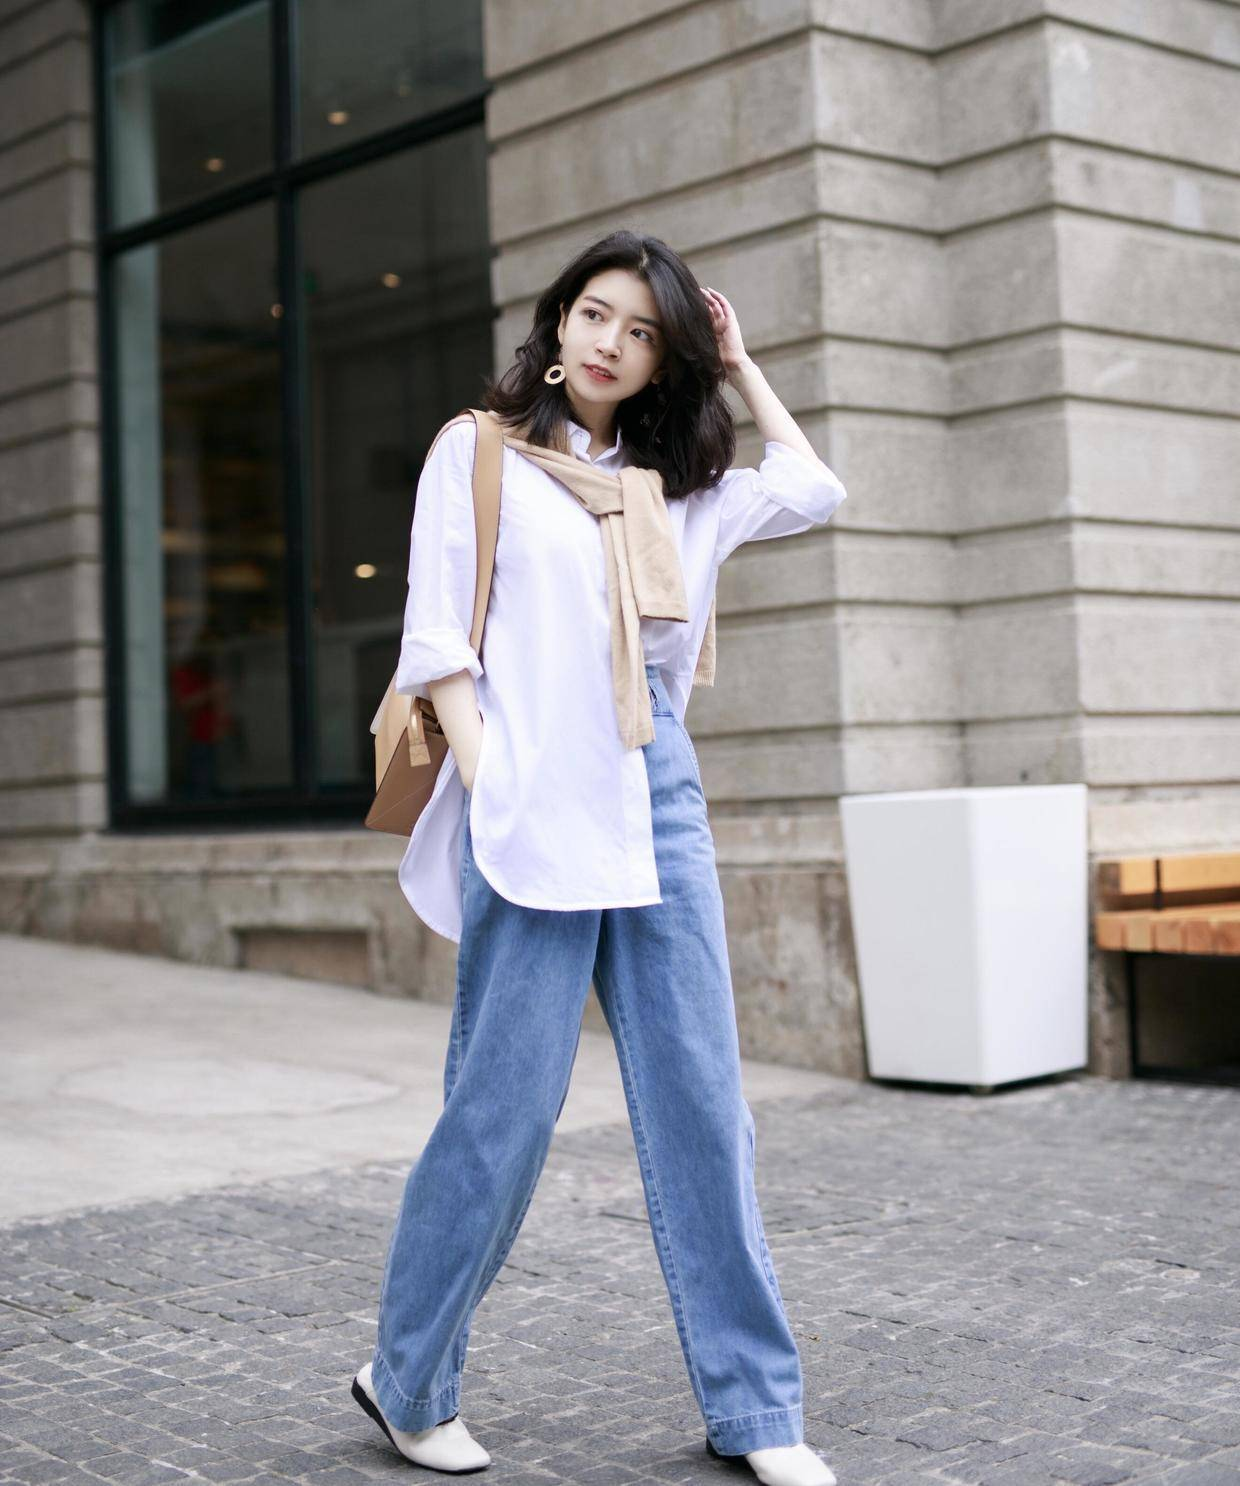 三木博主的衣服品味了得,白衬衫搭牛仔裤简约清新又俏皮,真时髦